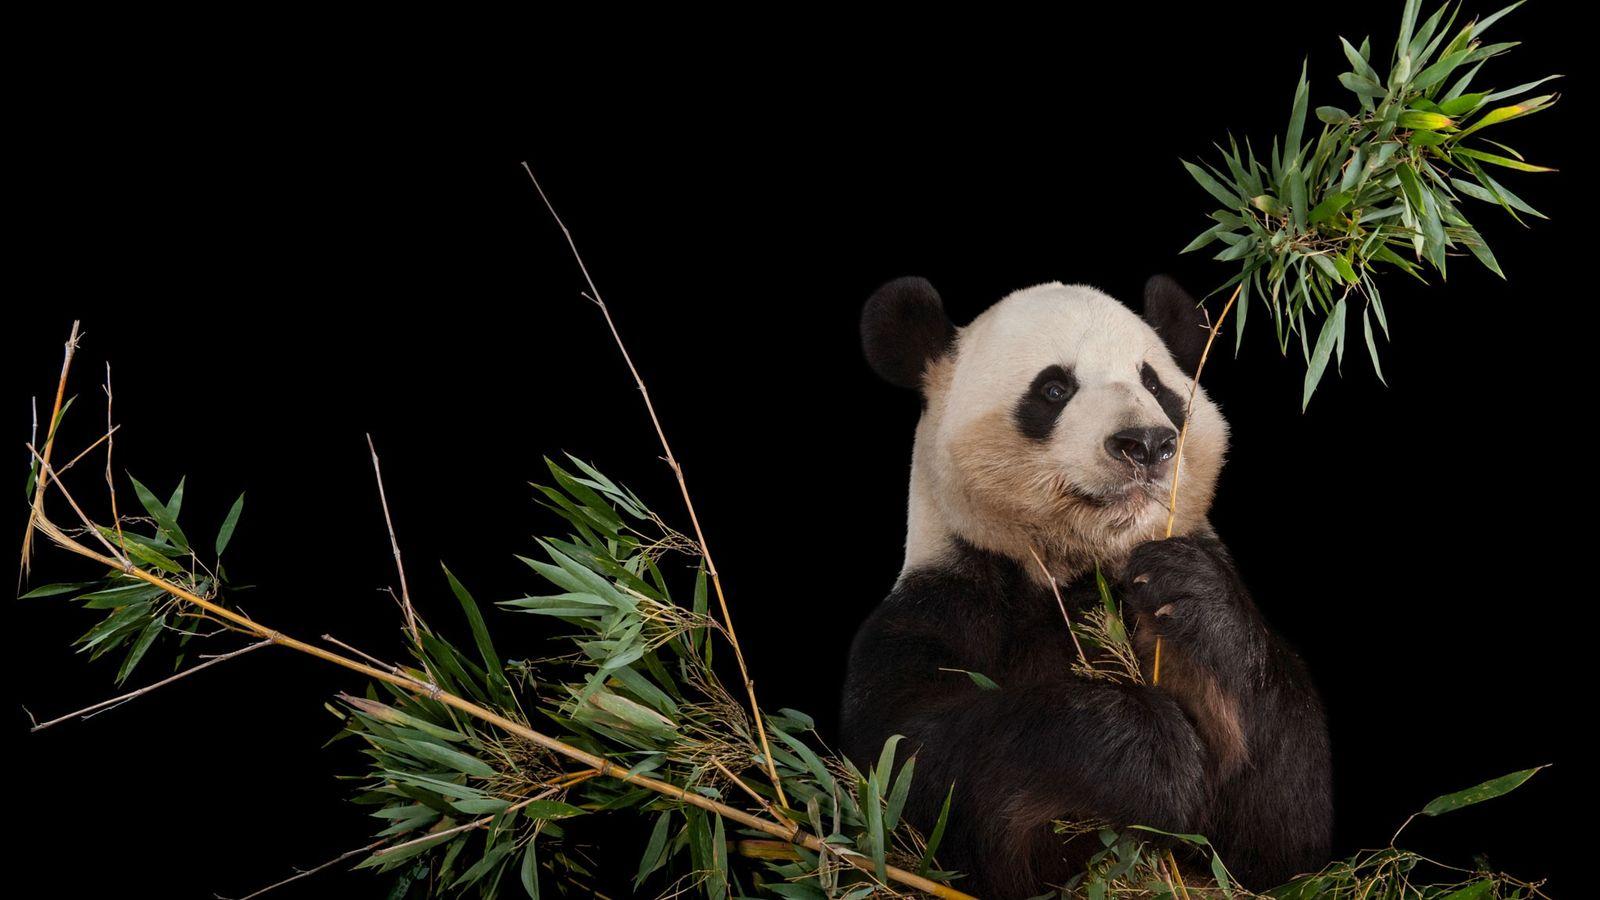 Ein Großer Panda